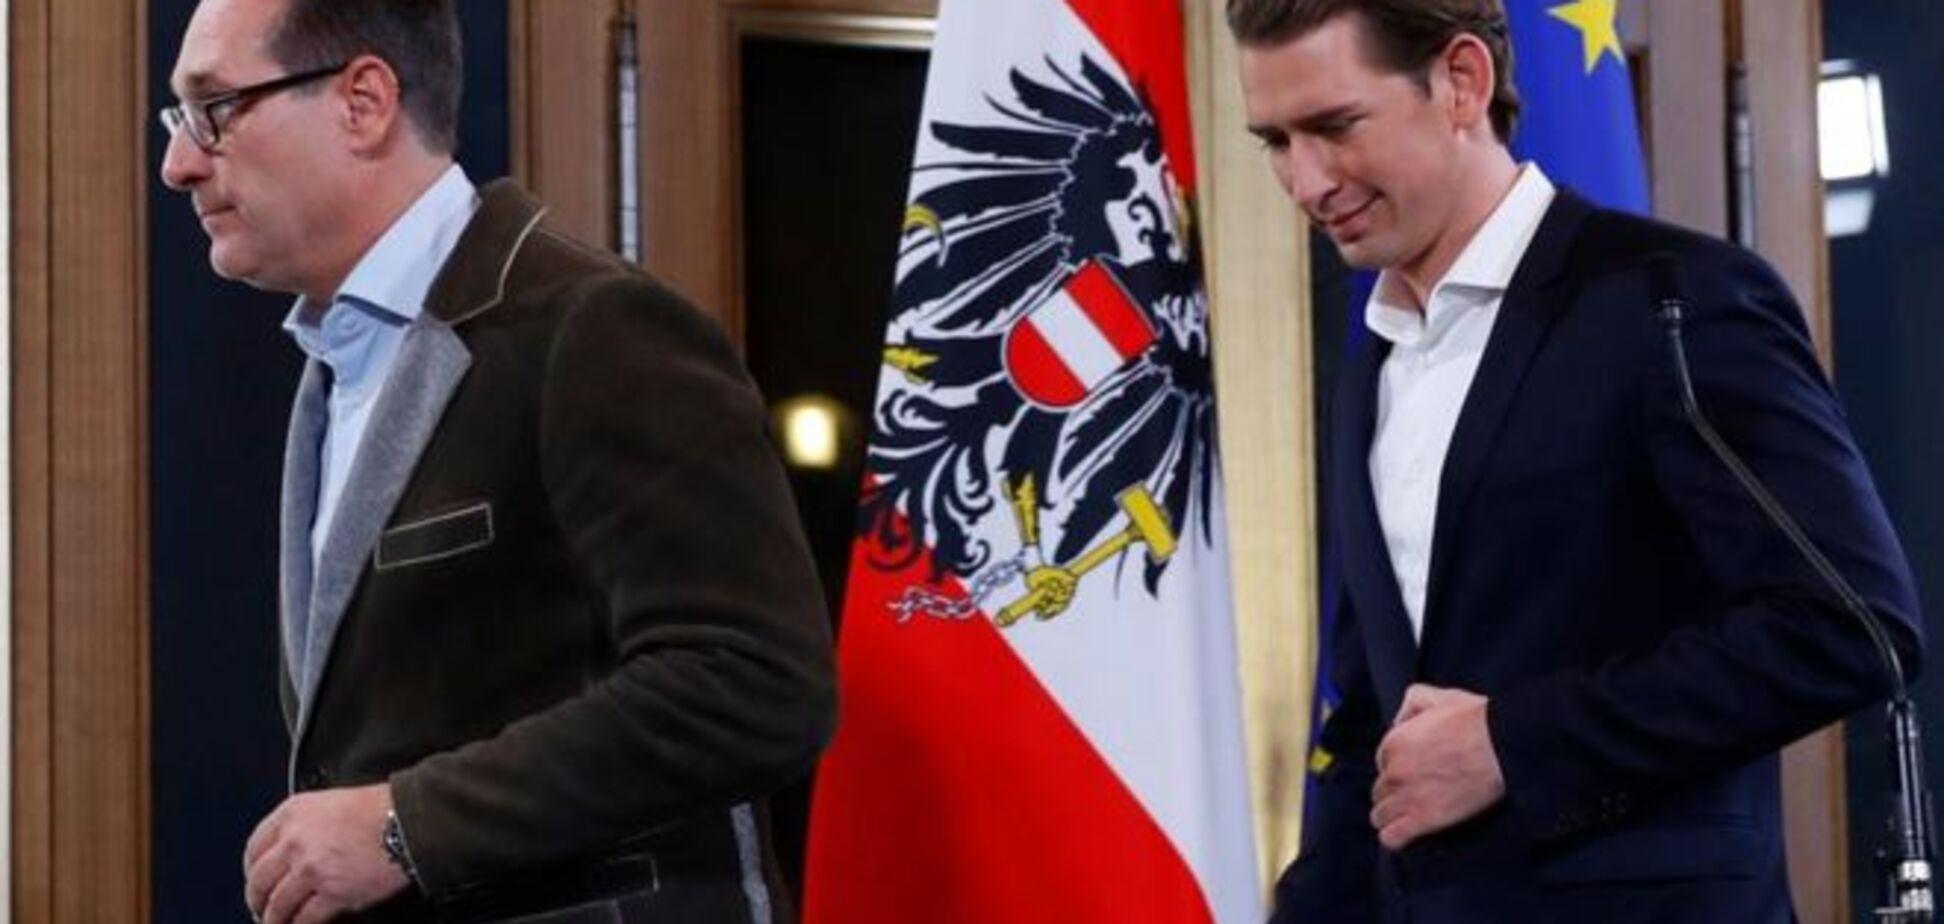 Єдині в ЄС: в Австрії консерватори створять коаліцію з союзниками Росії